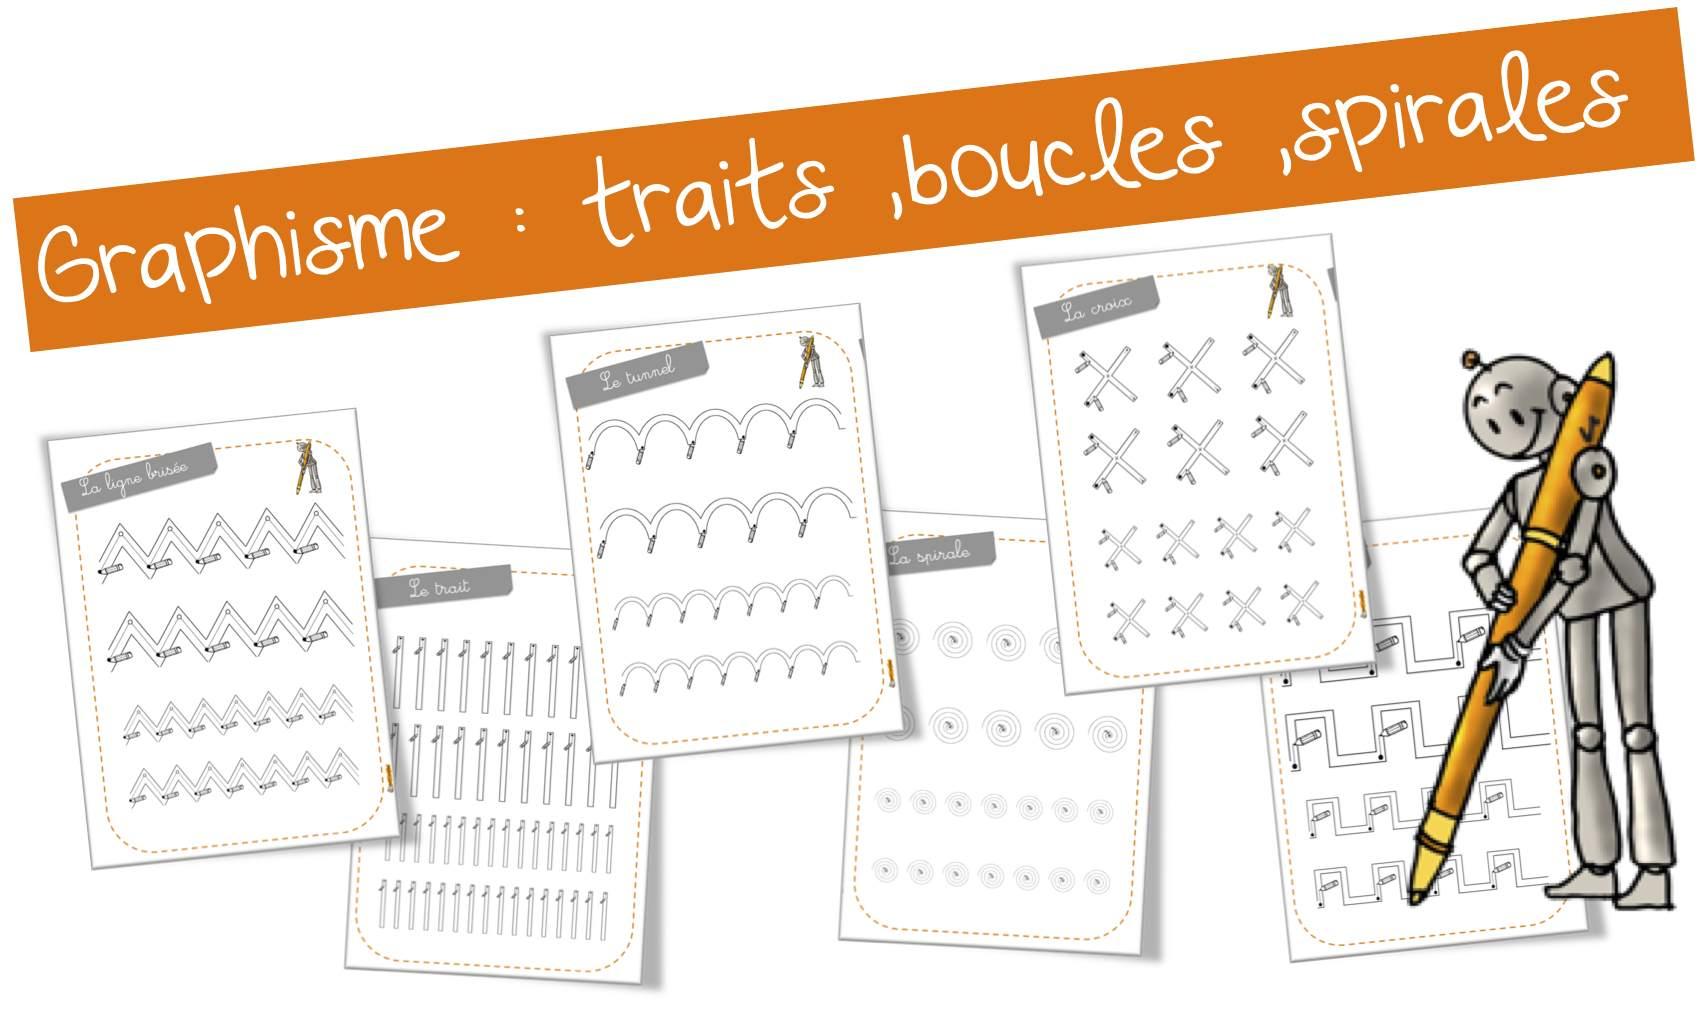 Graphisme : Les Traits , Boucles, Spirales , Ponts … | Bout dedans Activités Graphiques Gs